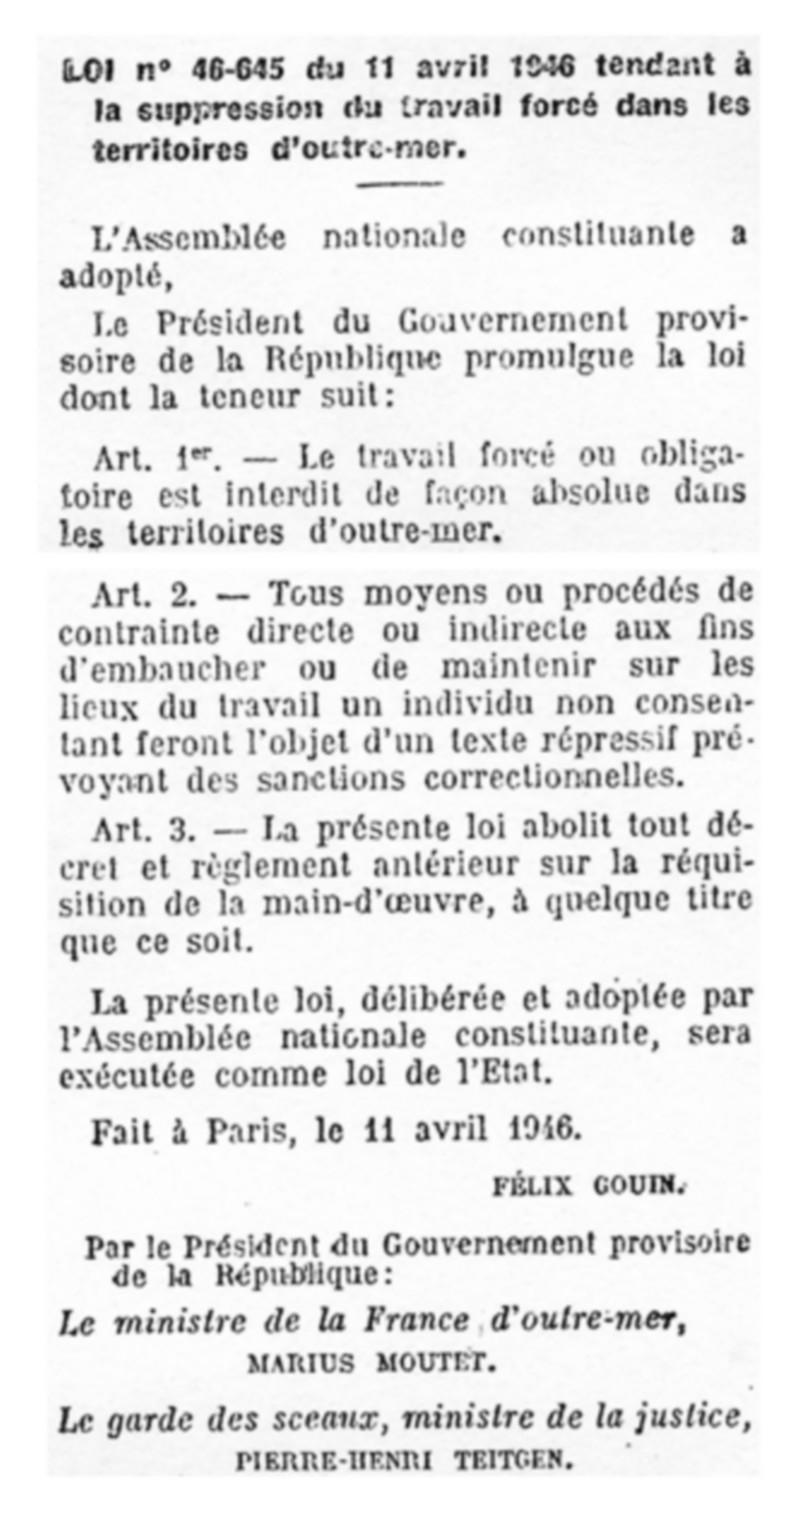 [MEMOIRE] 11 avril 1946 La loi Houphouët-Boigny supprime le travail forcé dans les colonies